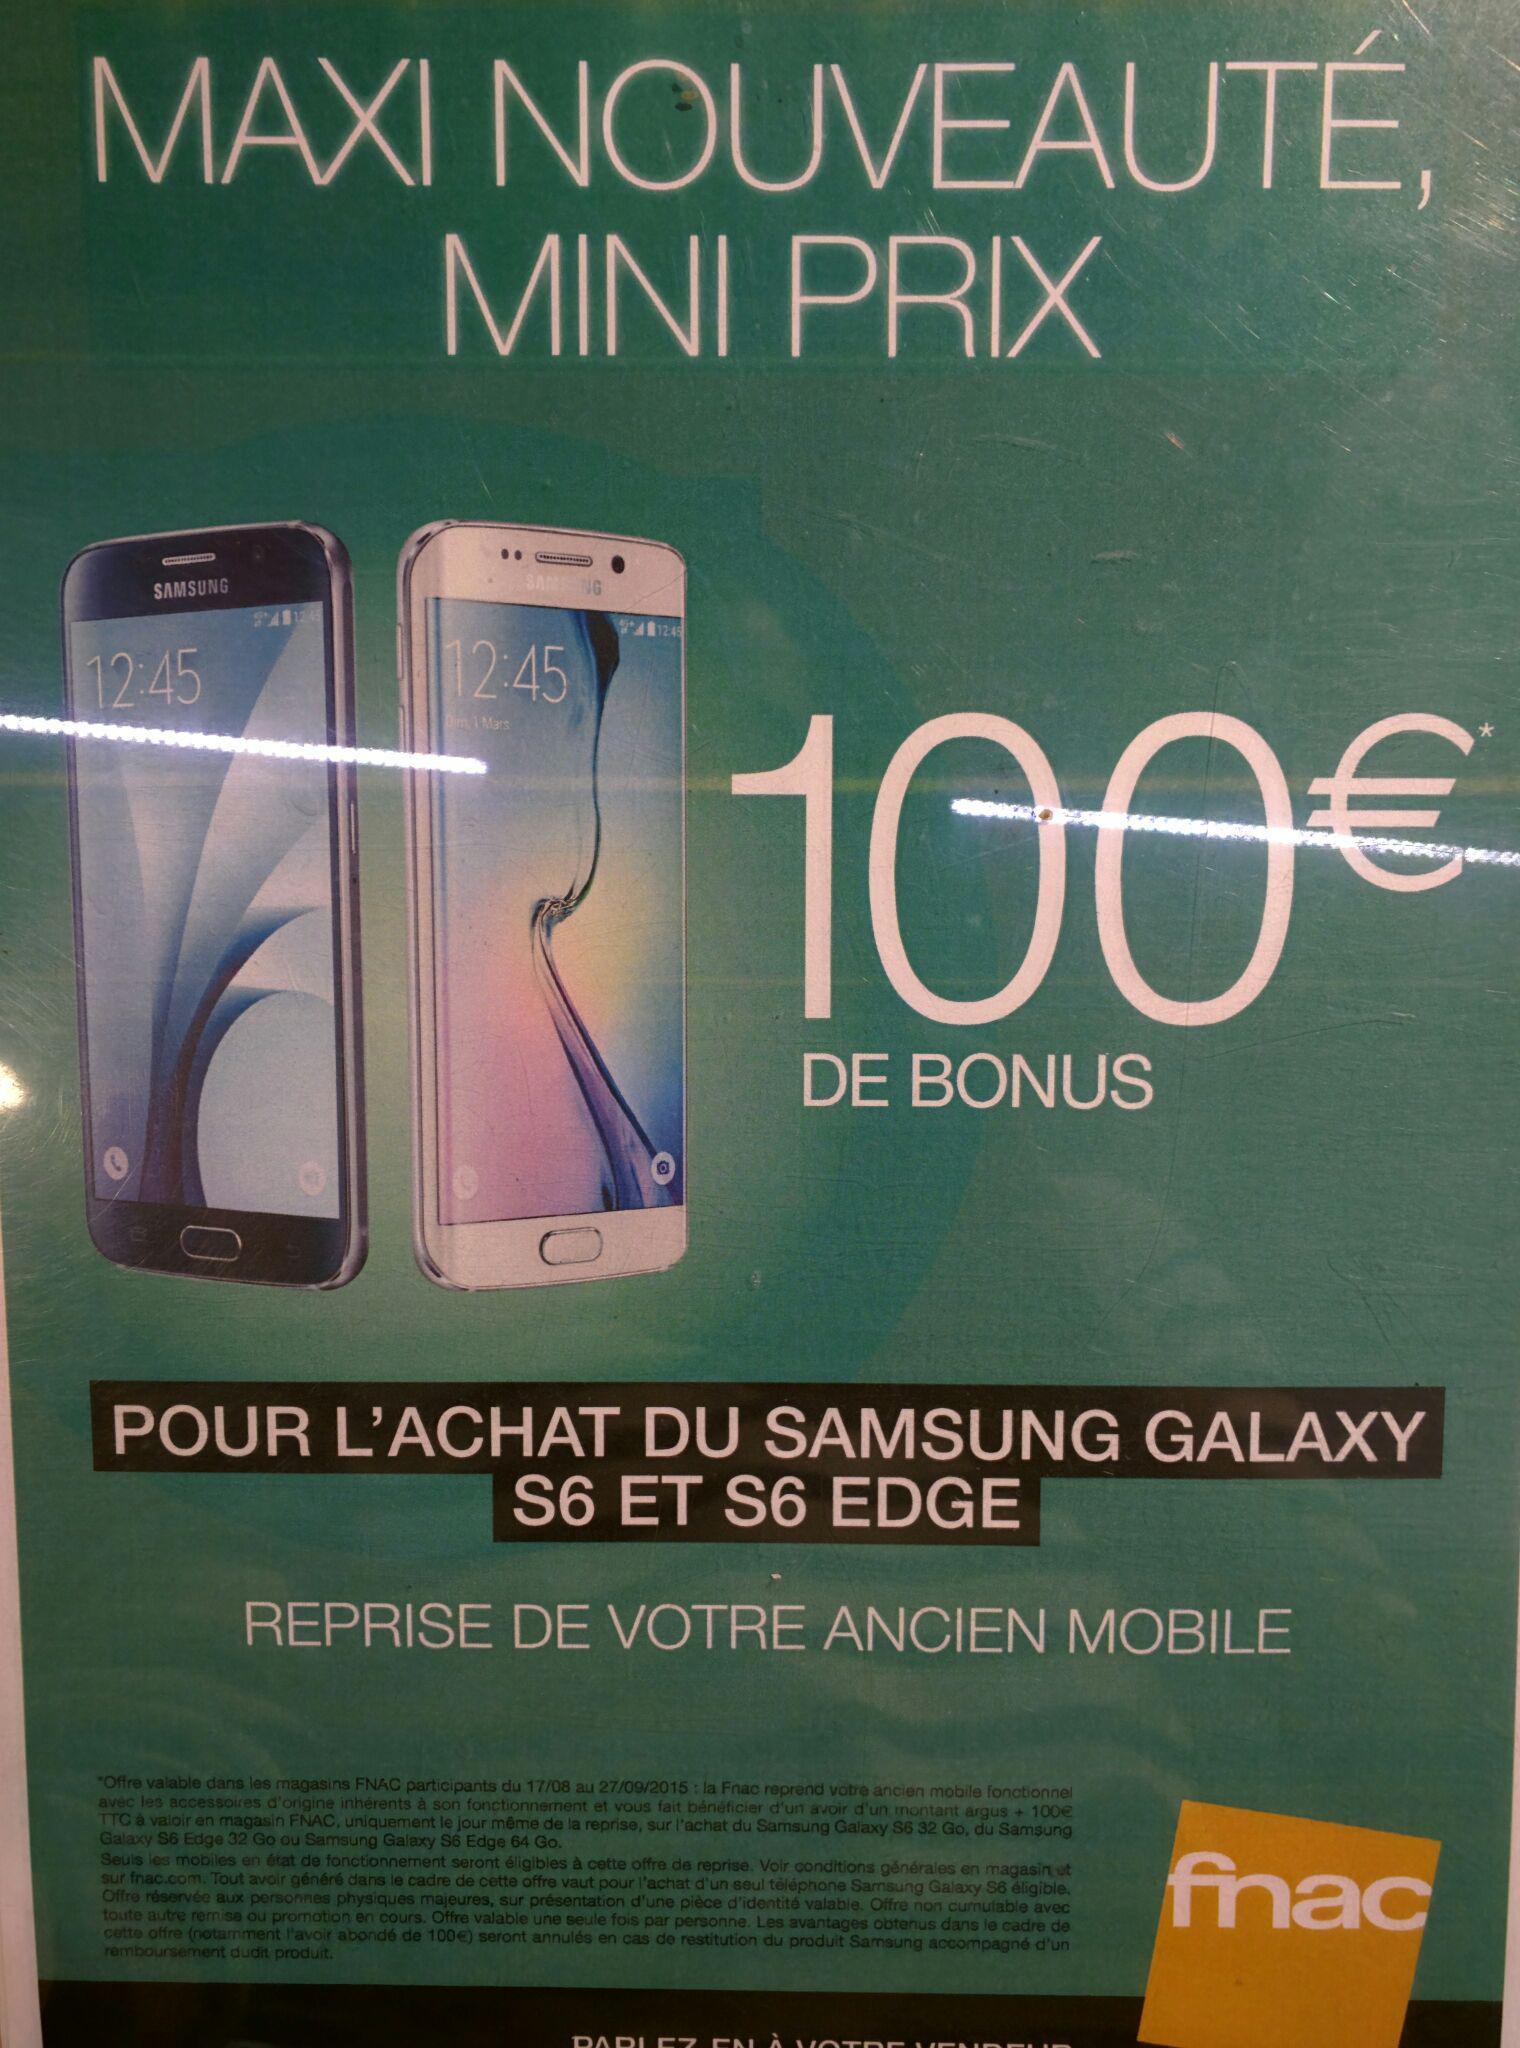 100€ de réduction pour l'achat d'un Smartphone Samsung Galaxy S6 / S6 Edge / S6 Edge+ avec la reprise d'un ancien téléphone - Ex : Galaxy S6 - 32 Go